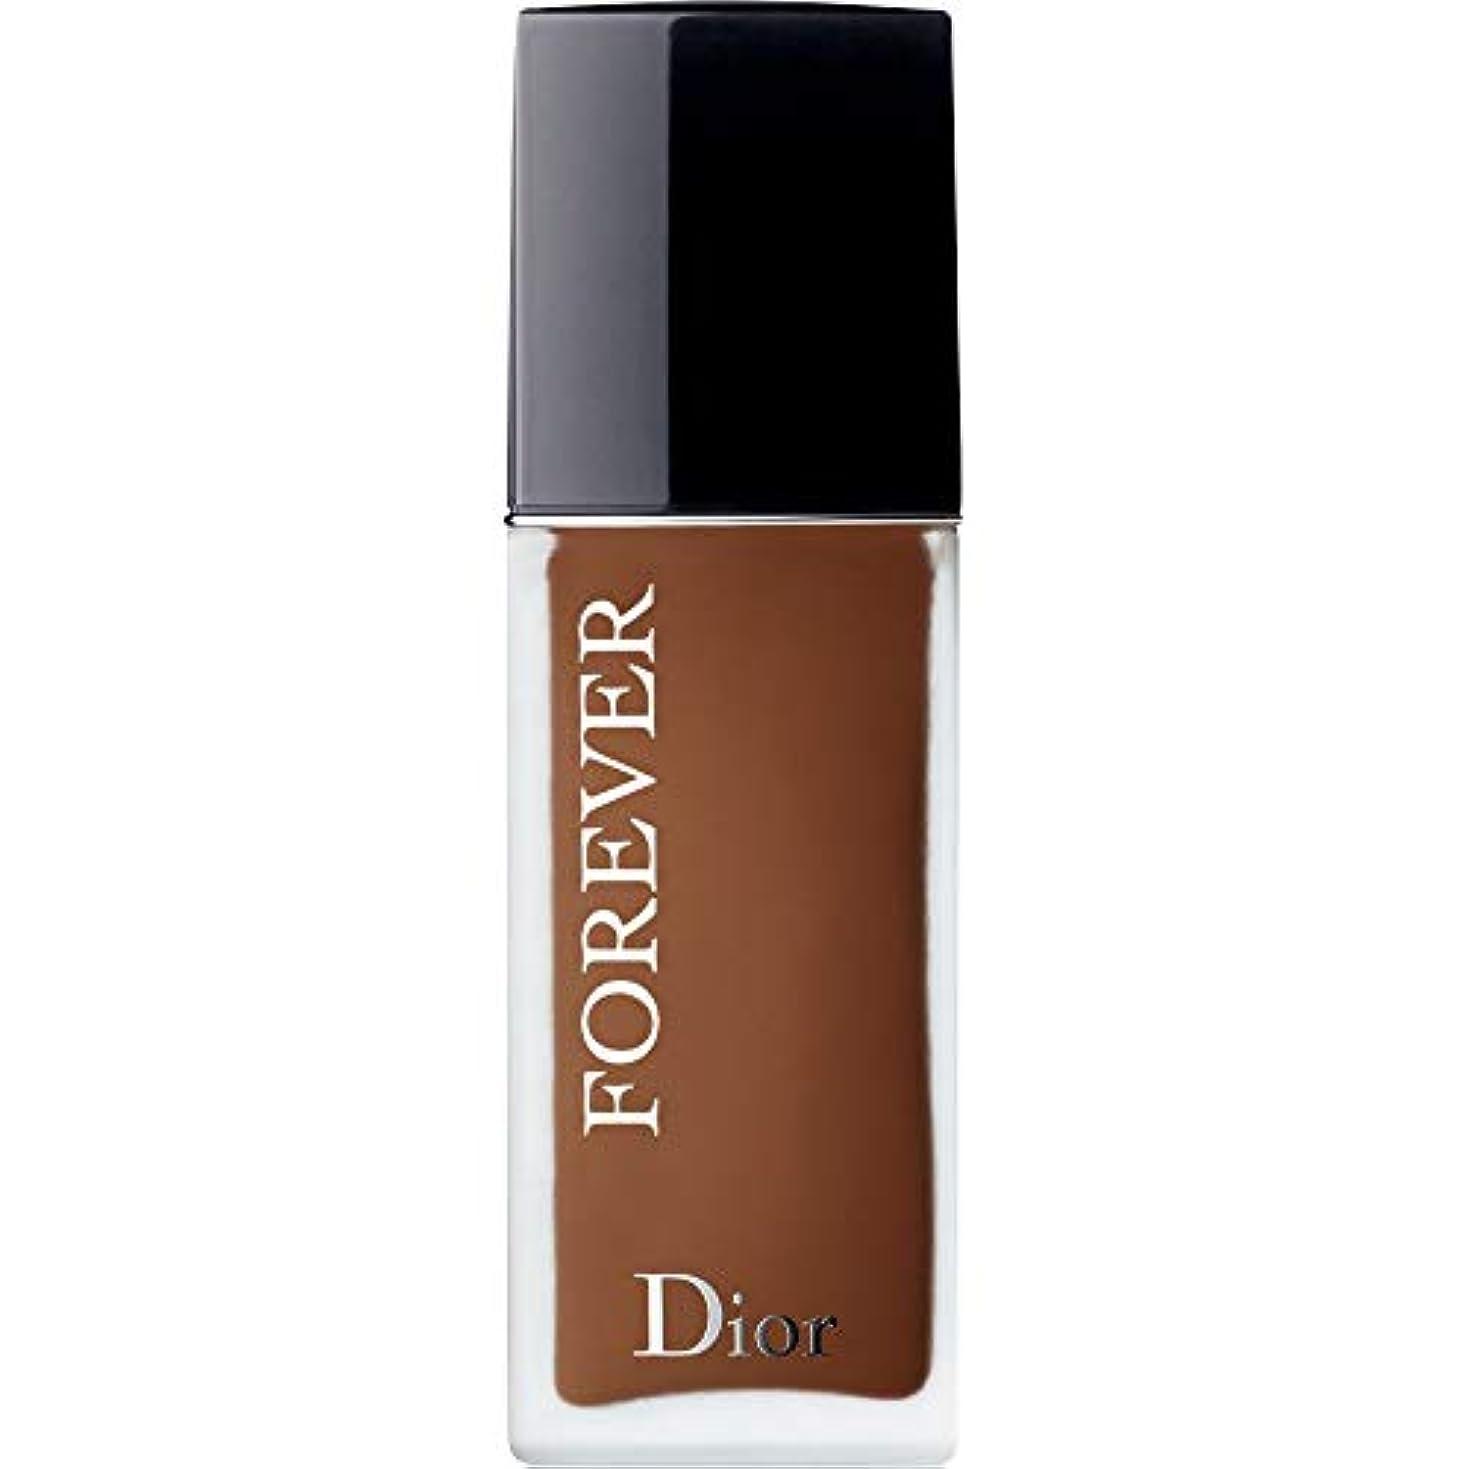 驚くばかり平均でる[Dior ] ディオール永遠皮膚思いやりの基盤Spf35 30ミリリットルの8N - ニュートラル(つや消し) - DIOR Forever Skin-Caring Foundation SPF35 30ml 8N -...